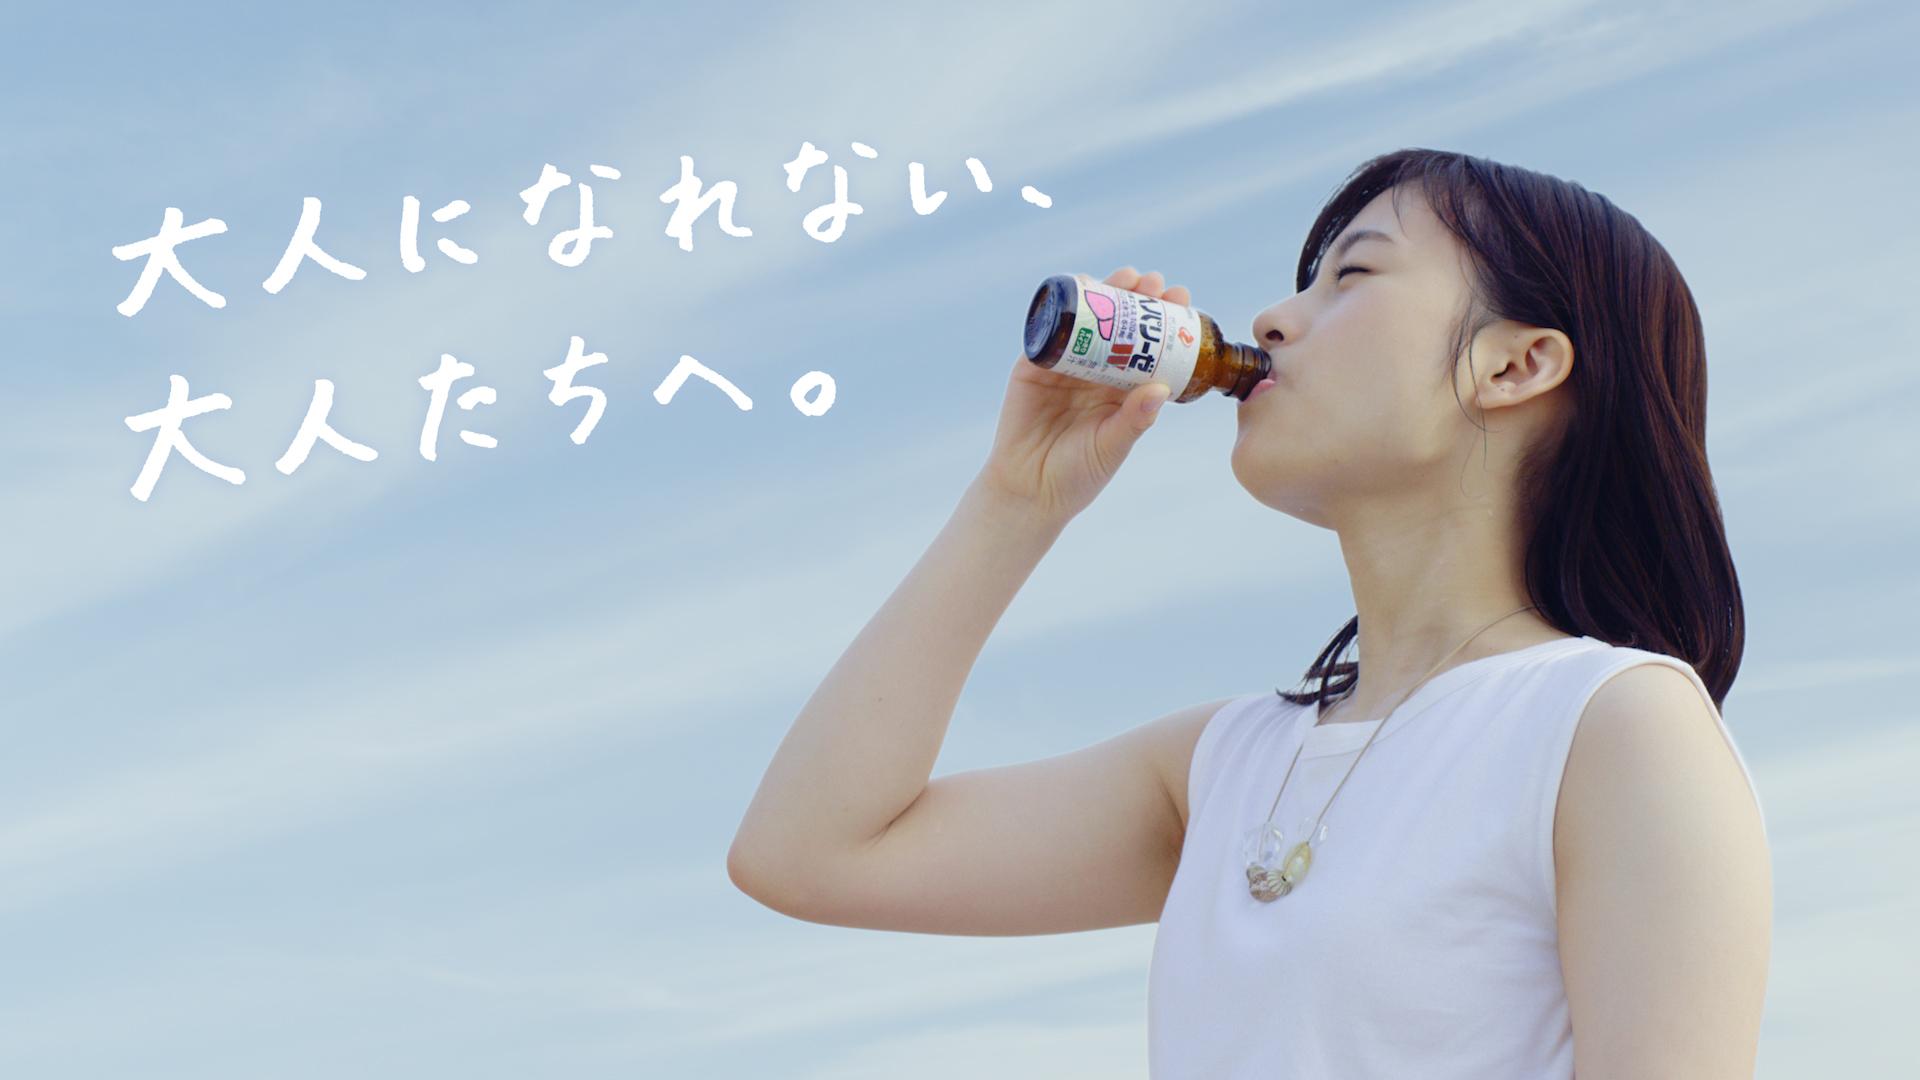 羽瀬川なぎ/「ヘパリーゼW」のWEB限定ムービーにて。Japanese Actress(女優)